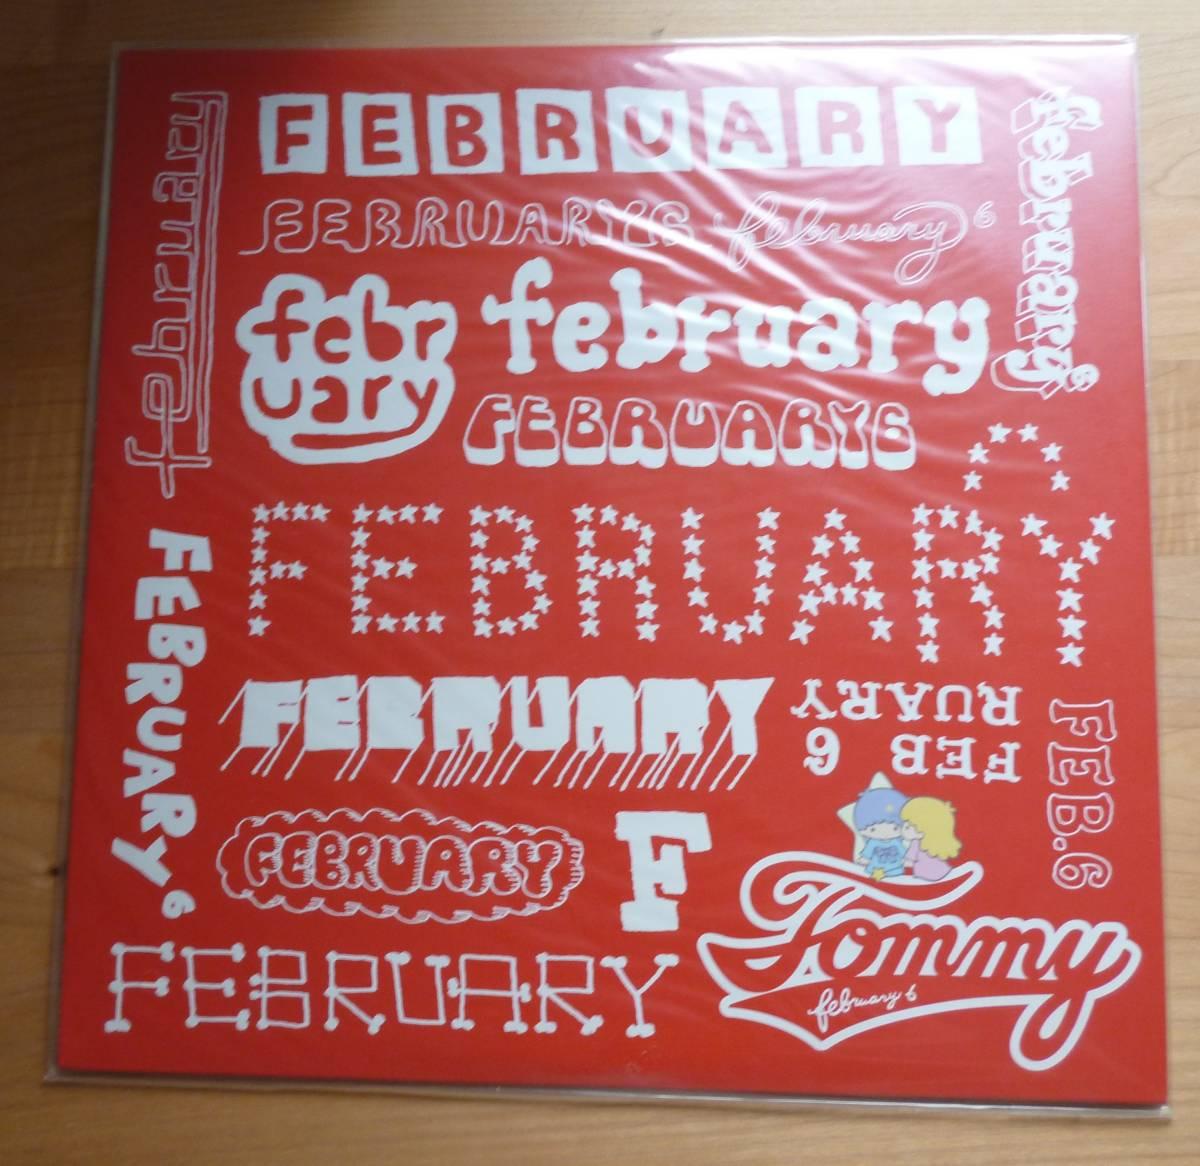 新品 Tommy february6 je t'aime ★ je t'aime & Love is forever & MaGic in youR Eyes & Tommy heavenly6 Wait till I can dream 4枚_画像2